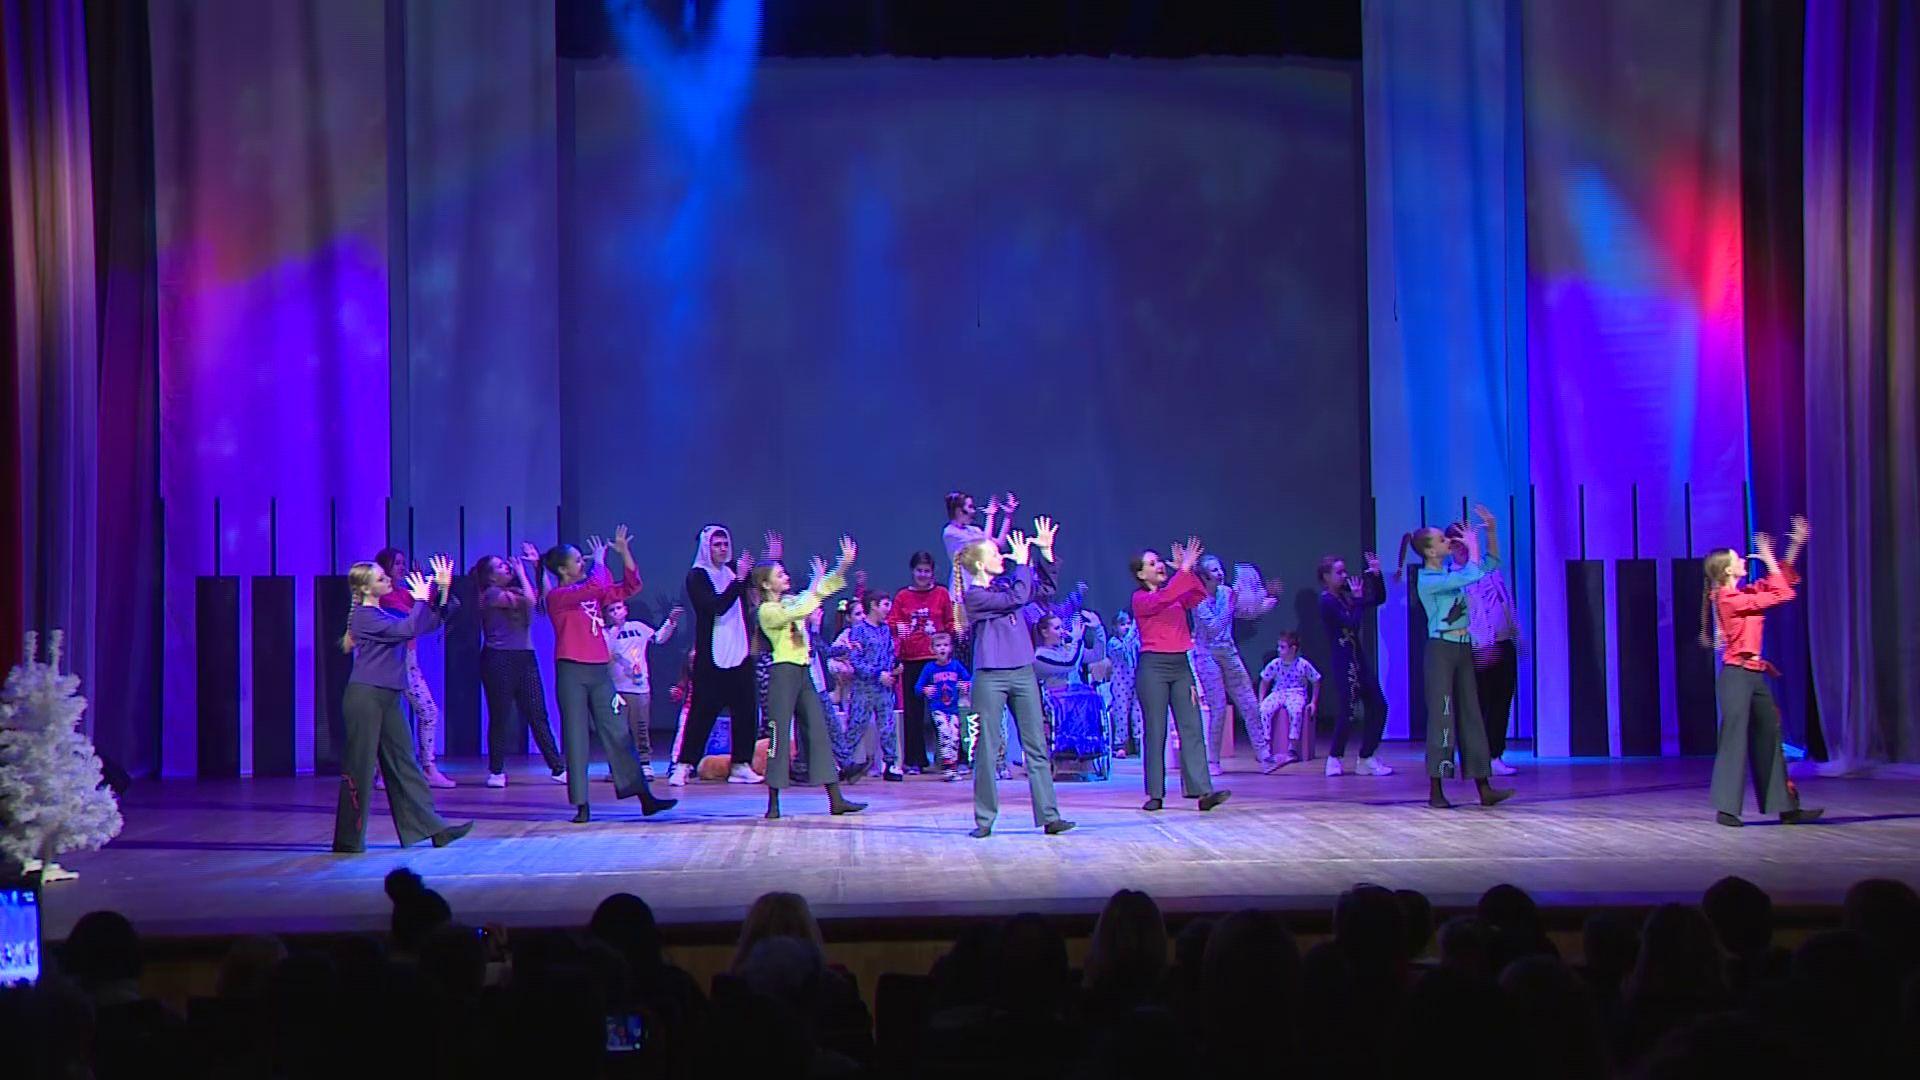 В Ярославле прошел спектакль с участием особенных ребят